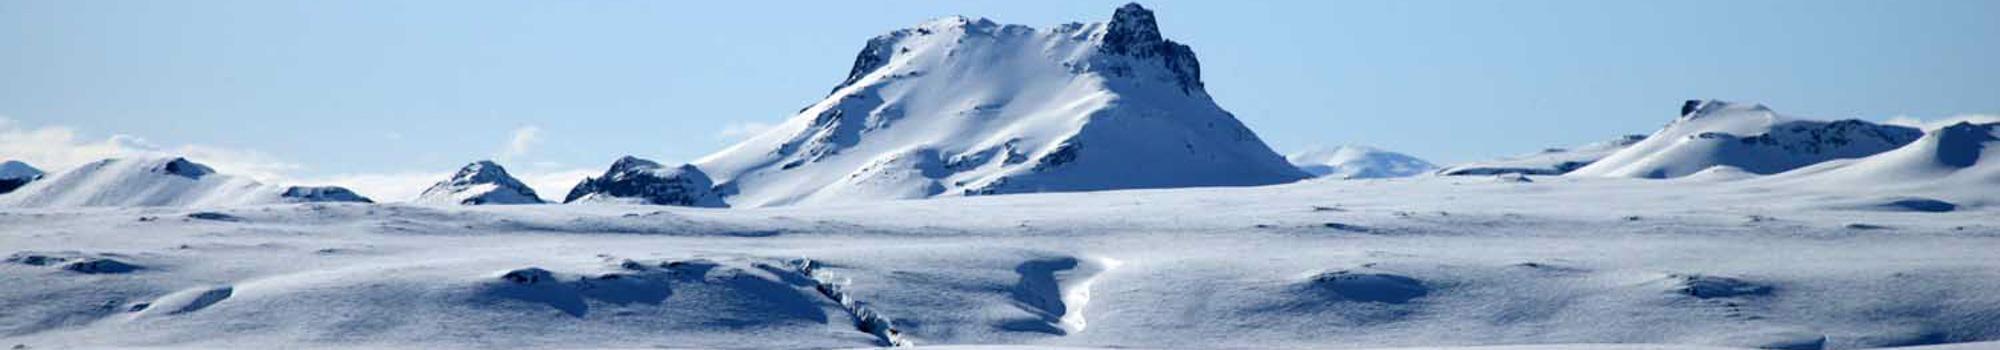 Hveravellir snow capped